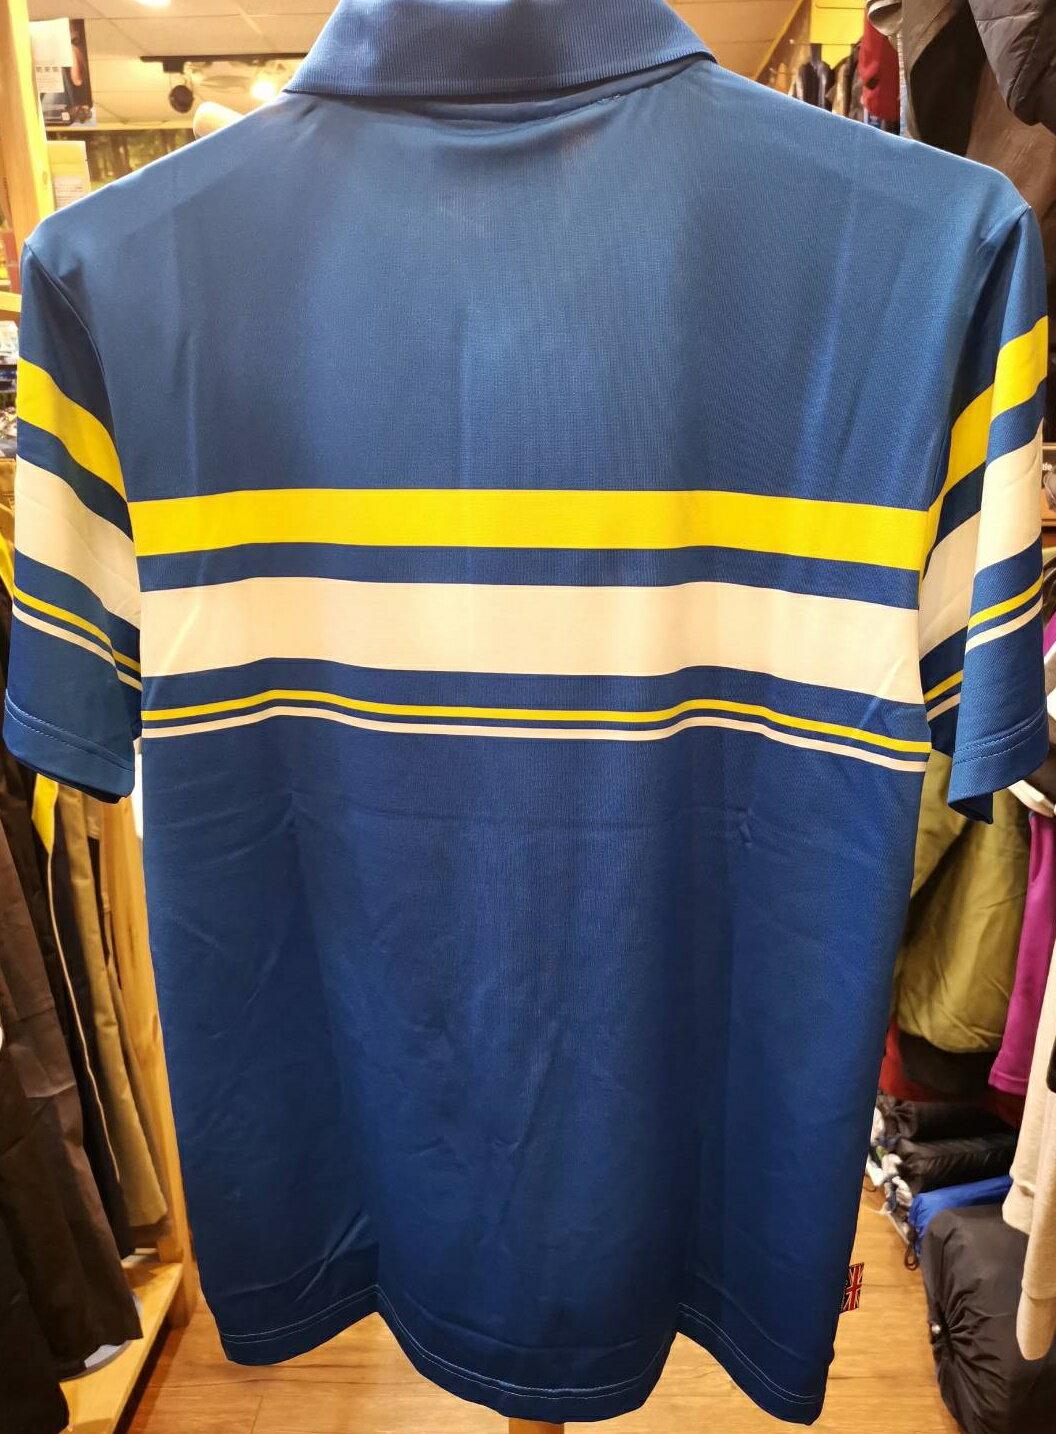 【H.Y SPORT】Slazenger 高彈力抗紫外線吸濕排汗高爾夫球短衫 526004 抗UV/運動/戶外